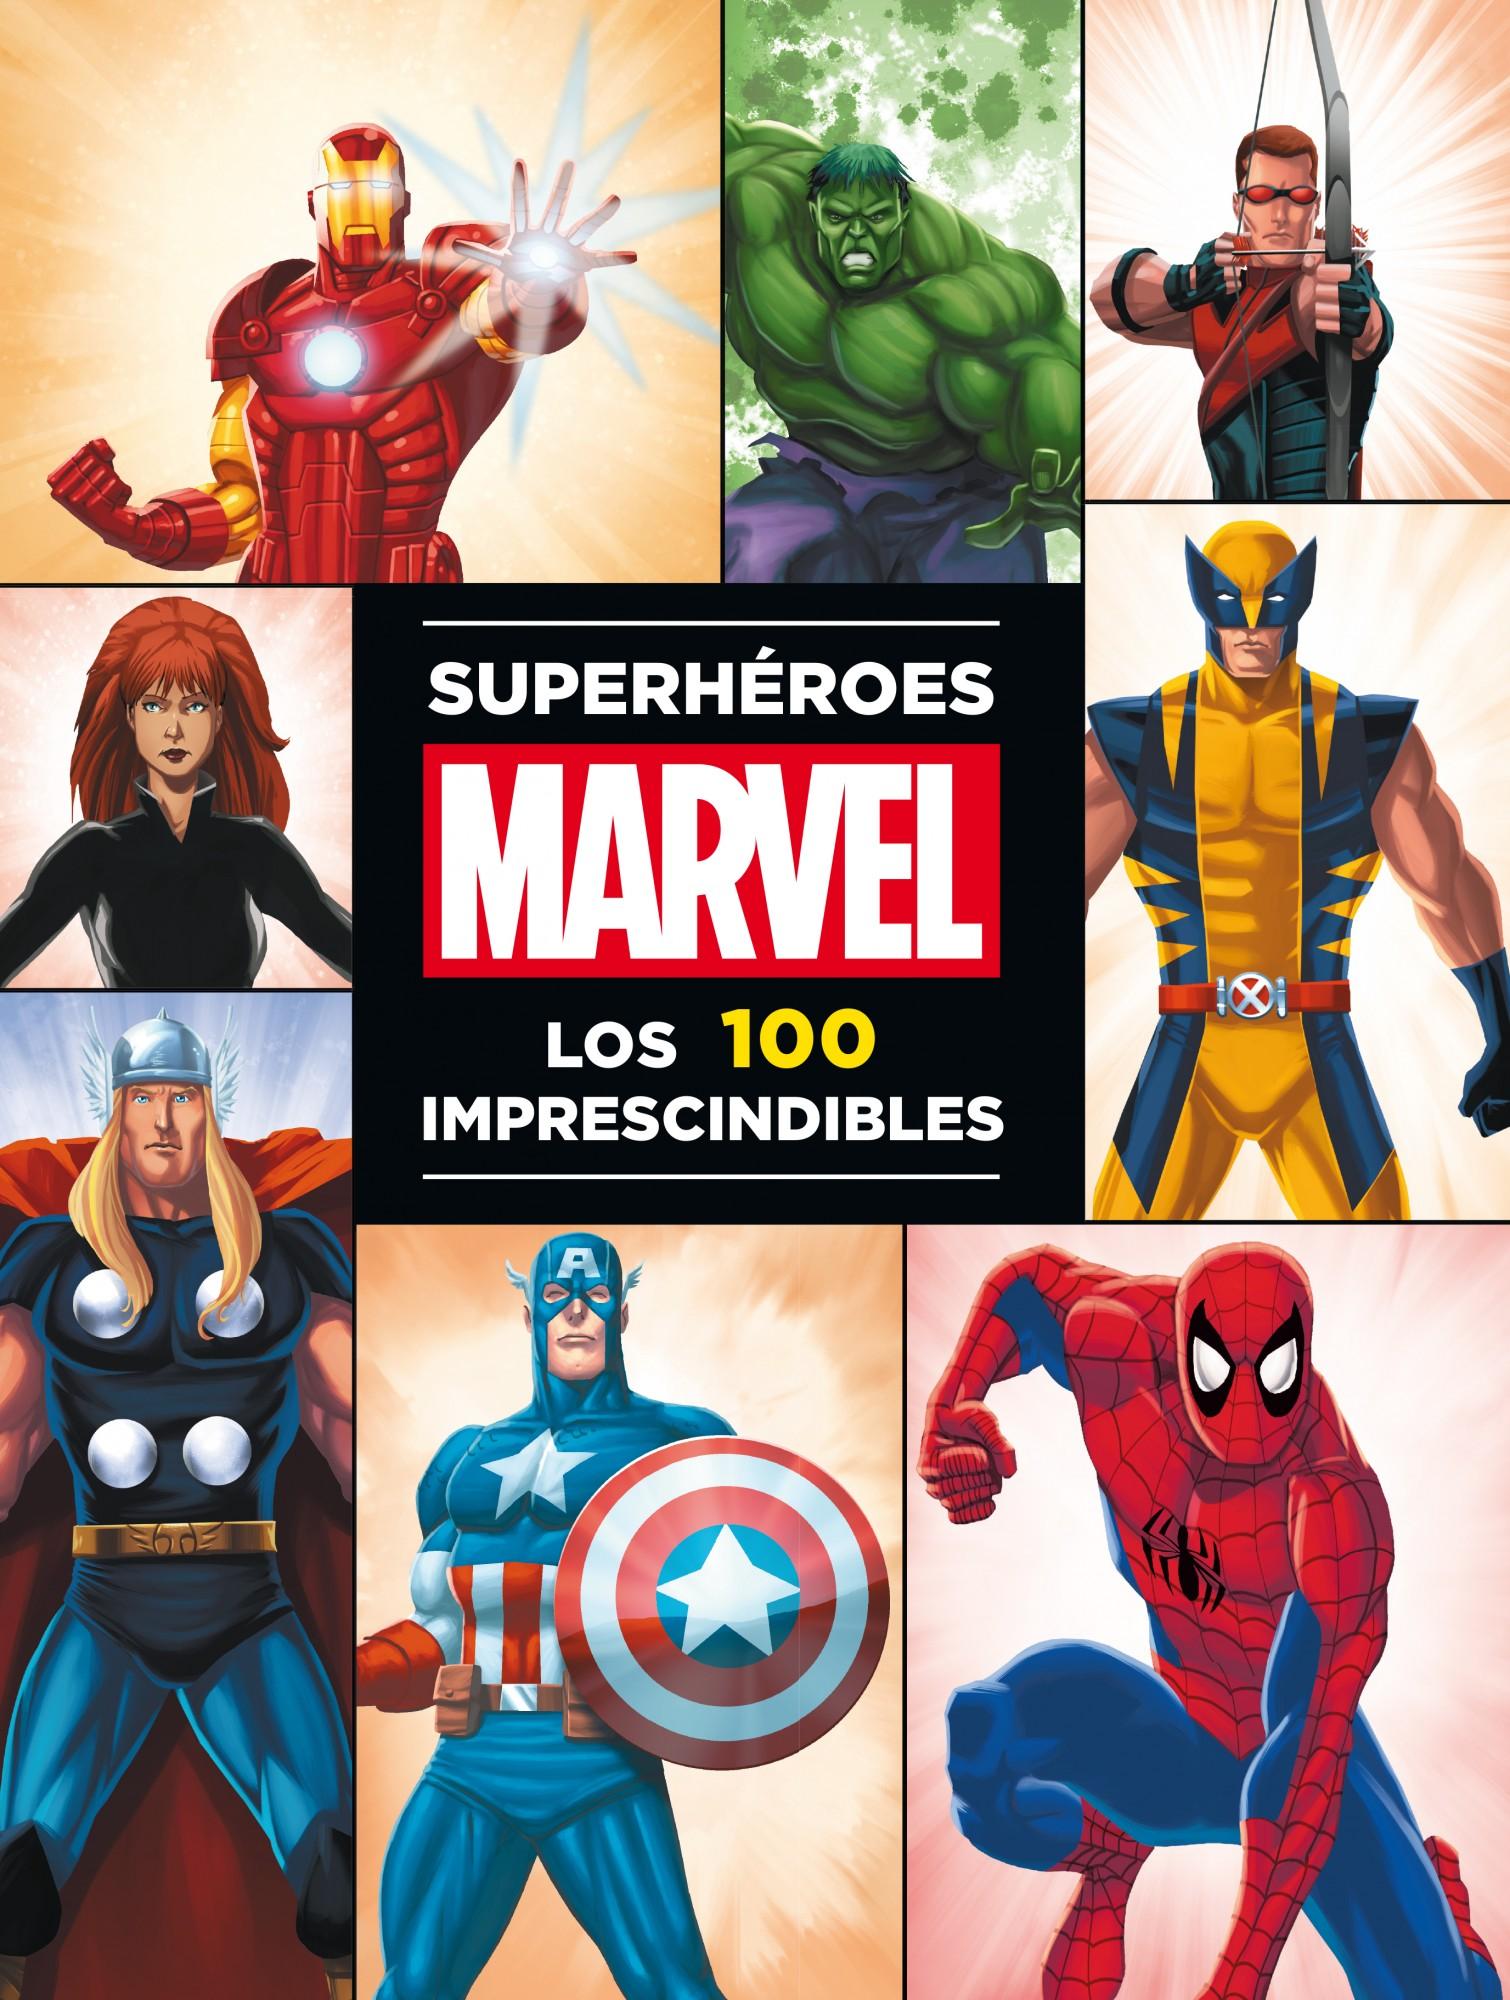 Reseñas Superhéroes Marvel Los 100 Imprescindibles Bds